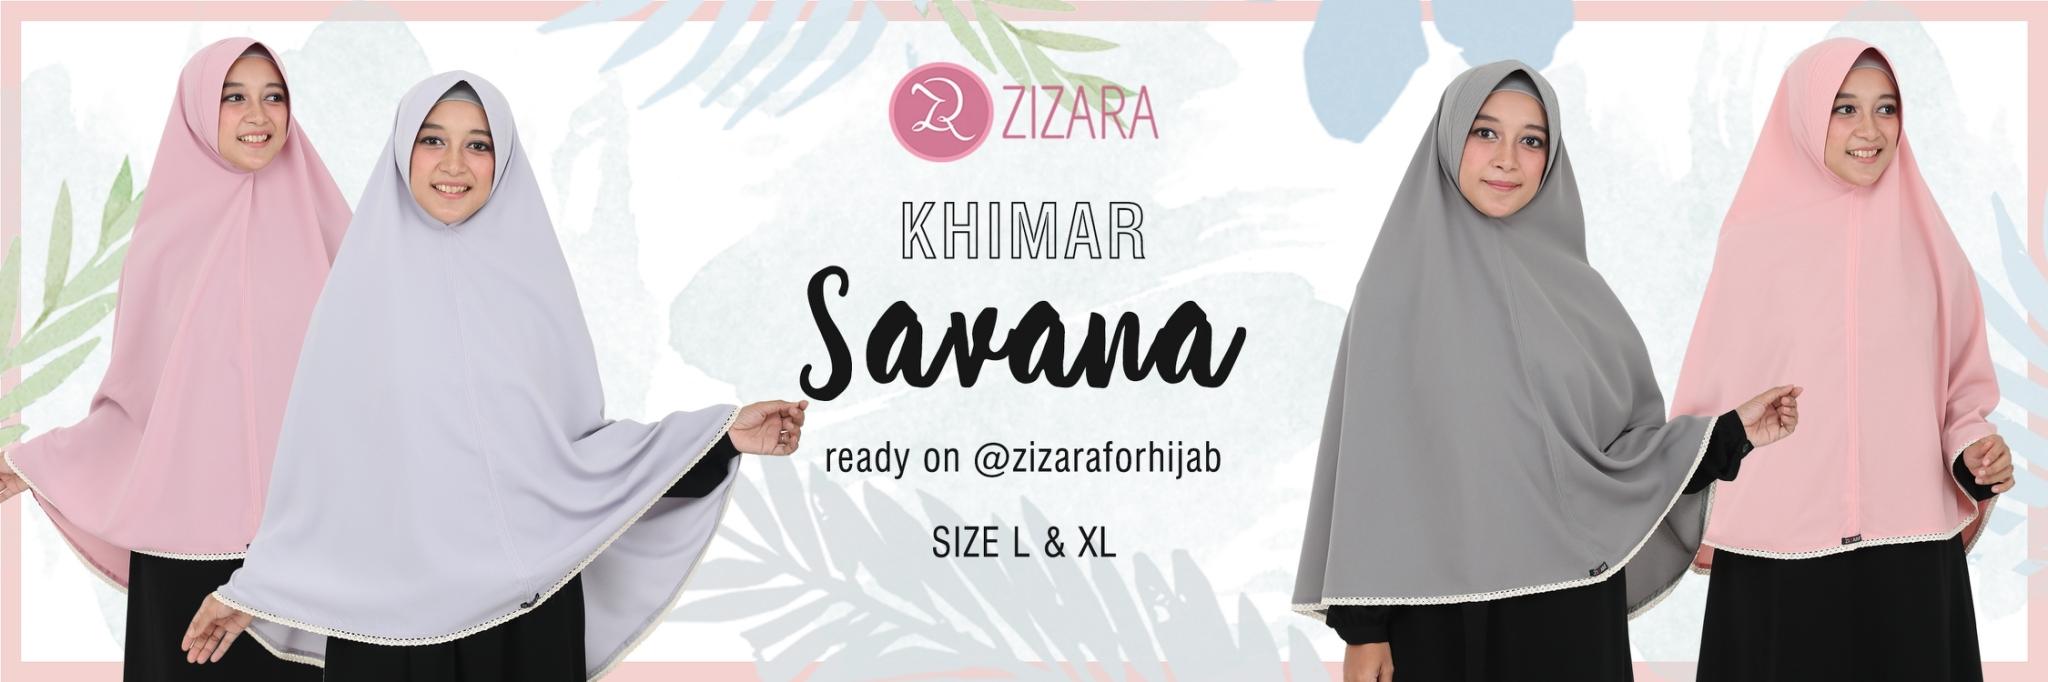 Khimar Savana